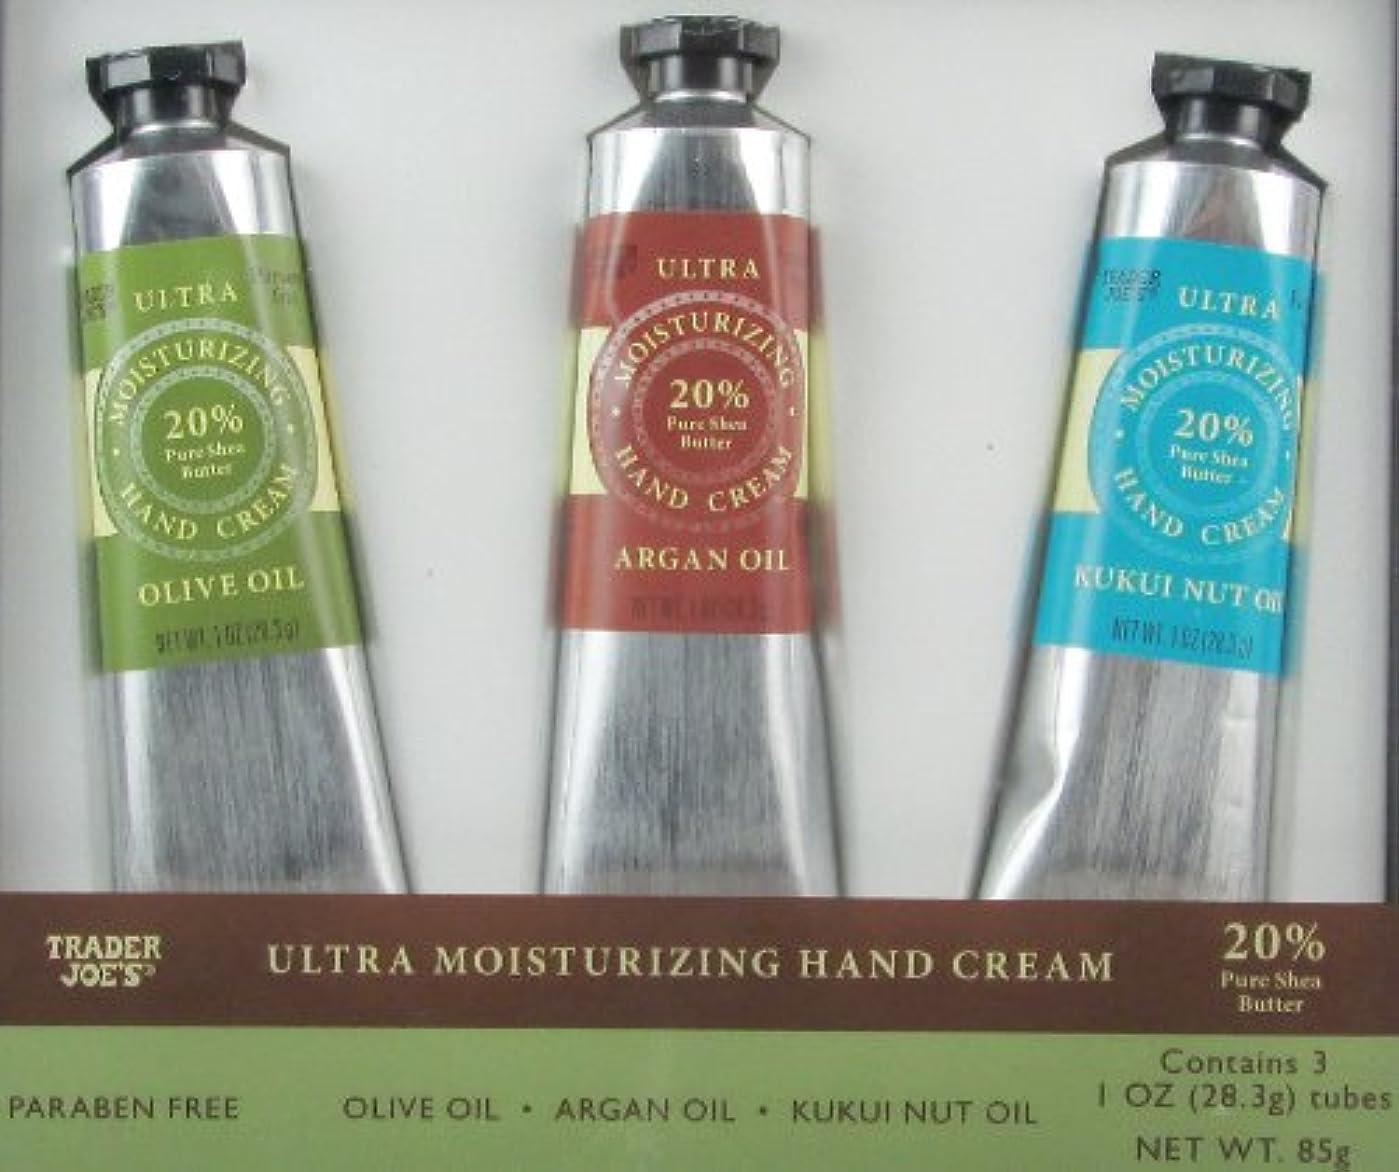 快い正直なしでトレーダージョーズ ウルトラ モイスチャライジング ハンドクリーム 3種類 ギフトセット Trader Joe's Moisturizing Hand Cream Trio Olive Oil, Argan Oil, Kukui...